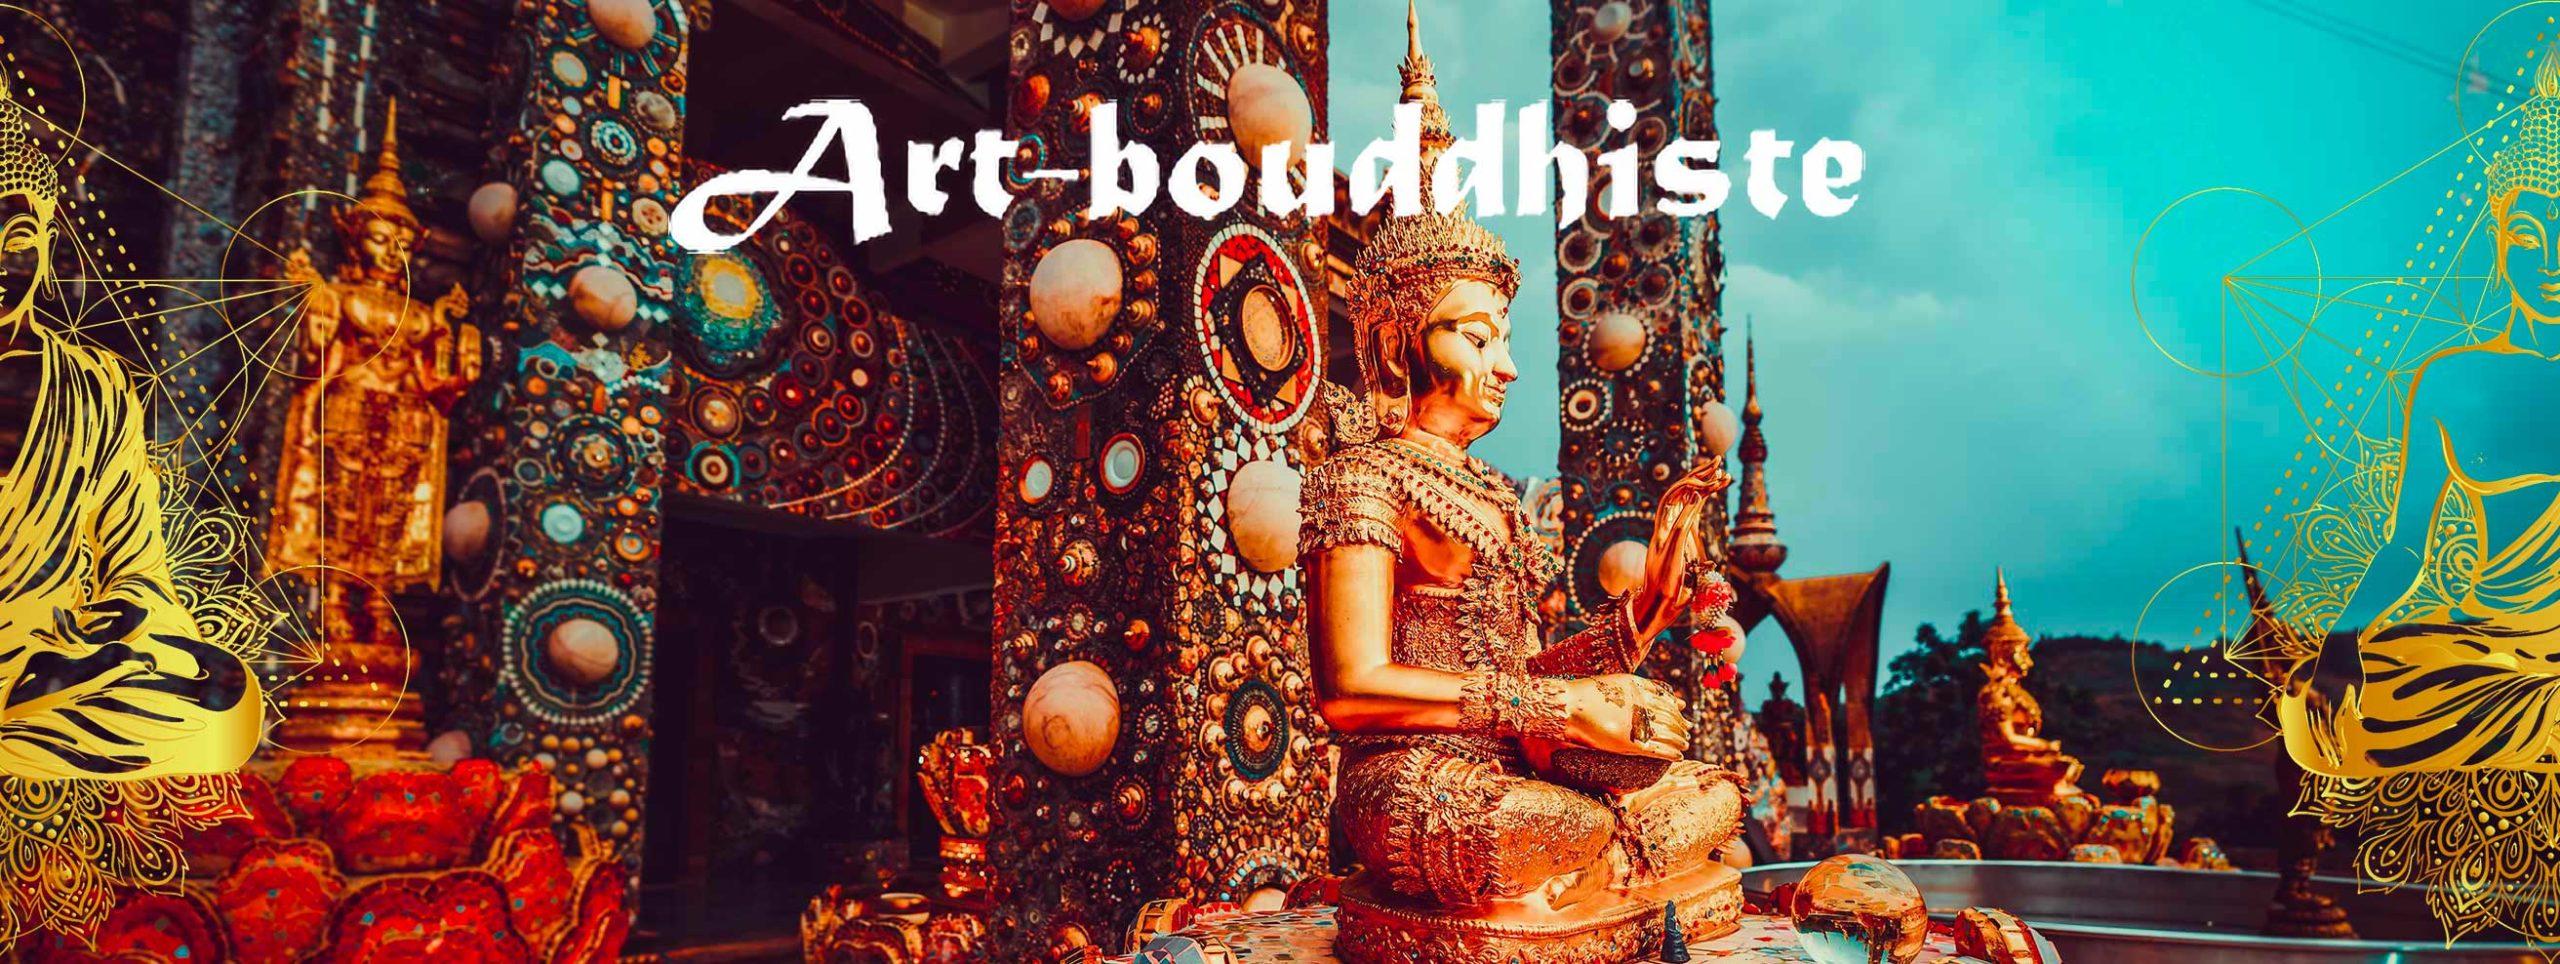 Bijoux Bouddhiste